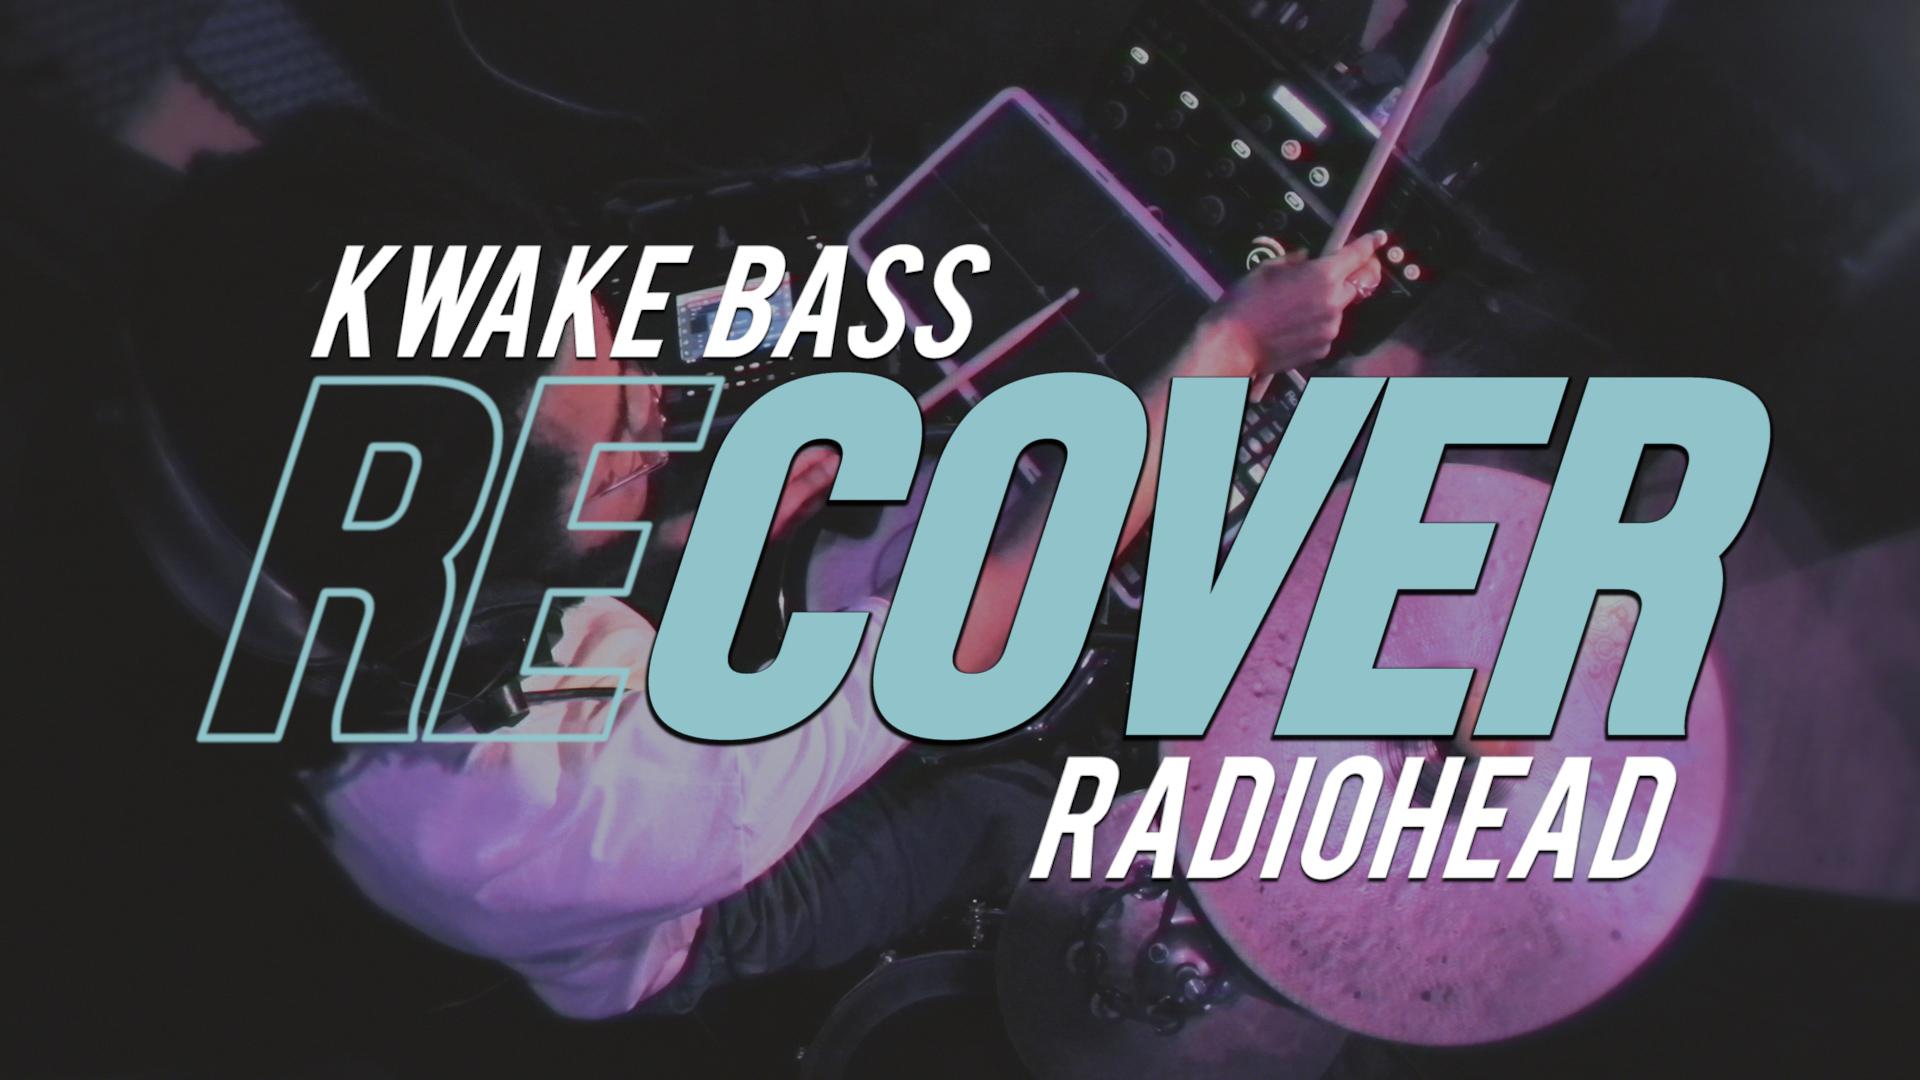 radiohead tour 2018